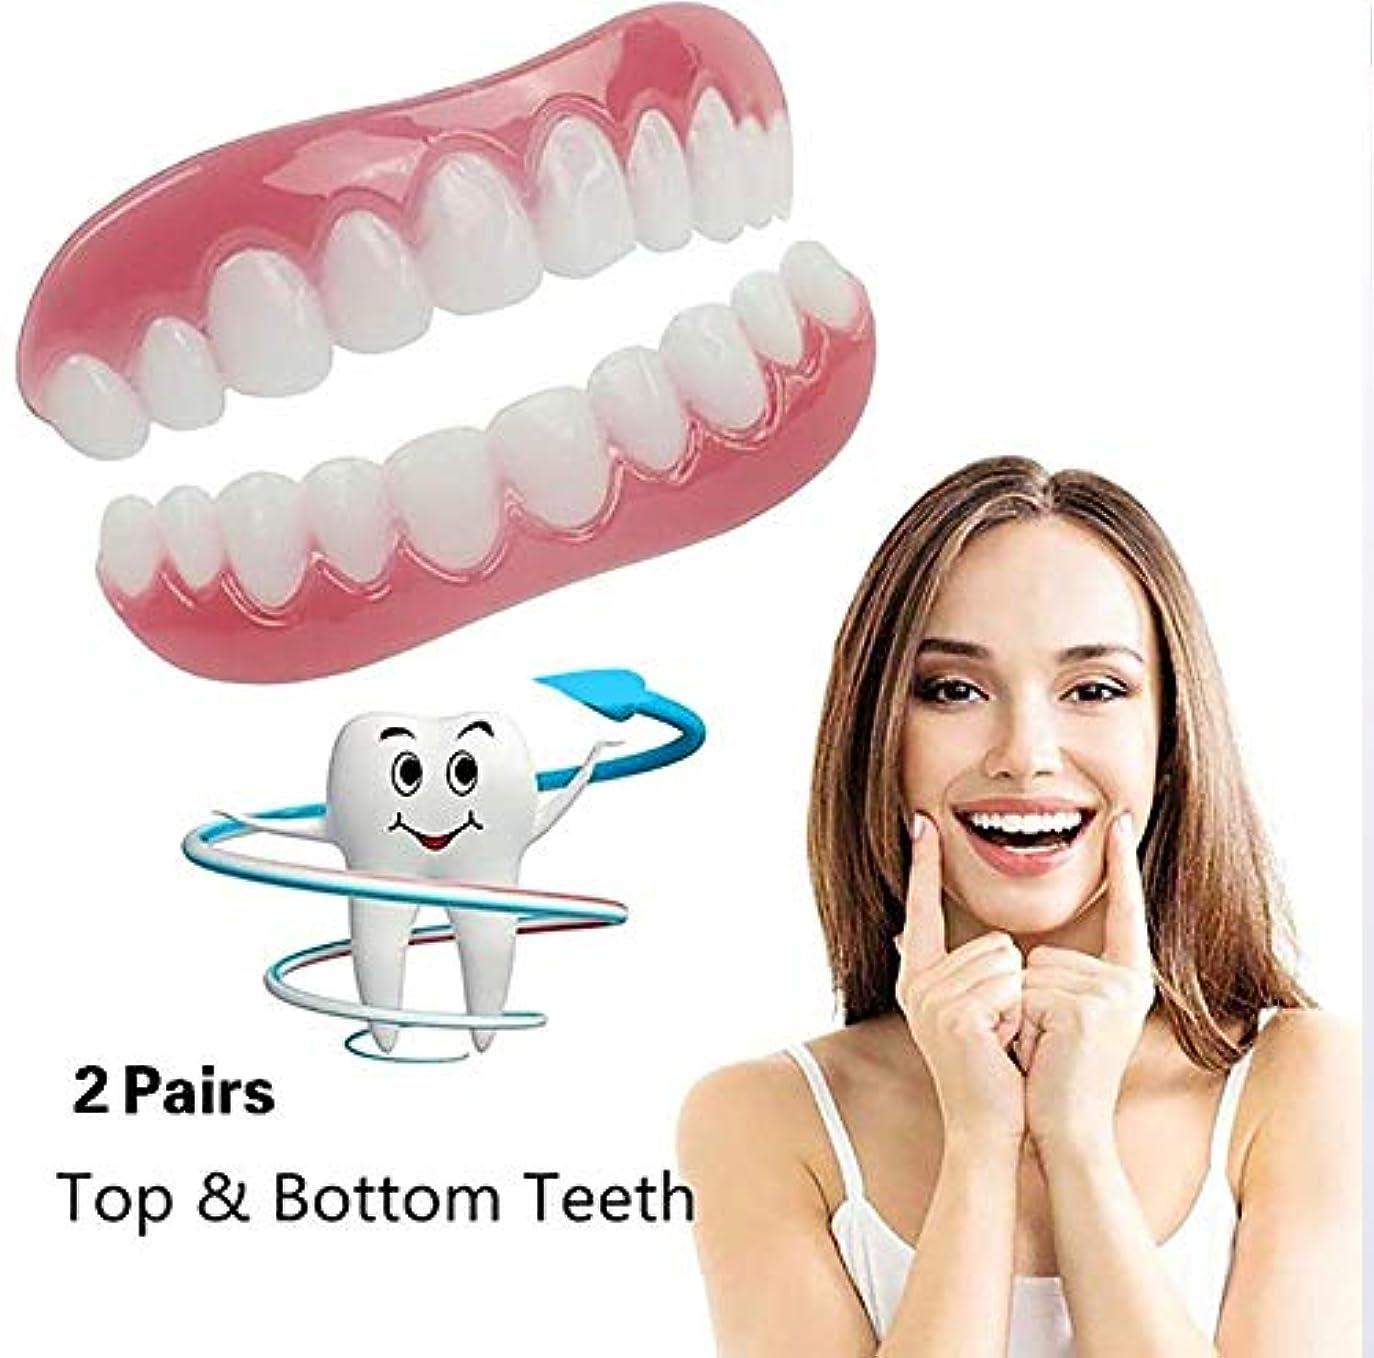 ポルノ香水牧師パーフェクトインスタントスマイルティースベニヤインスタントビューティー2本入れ歯2本下歯(フリーサイズ(中))